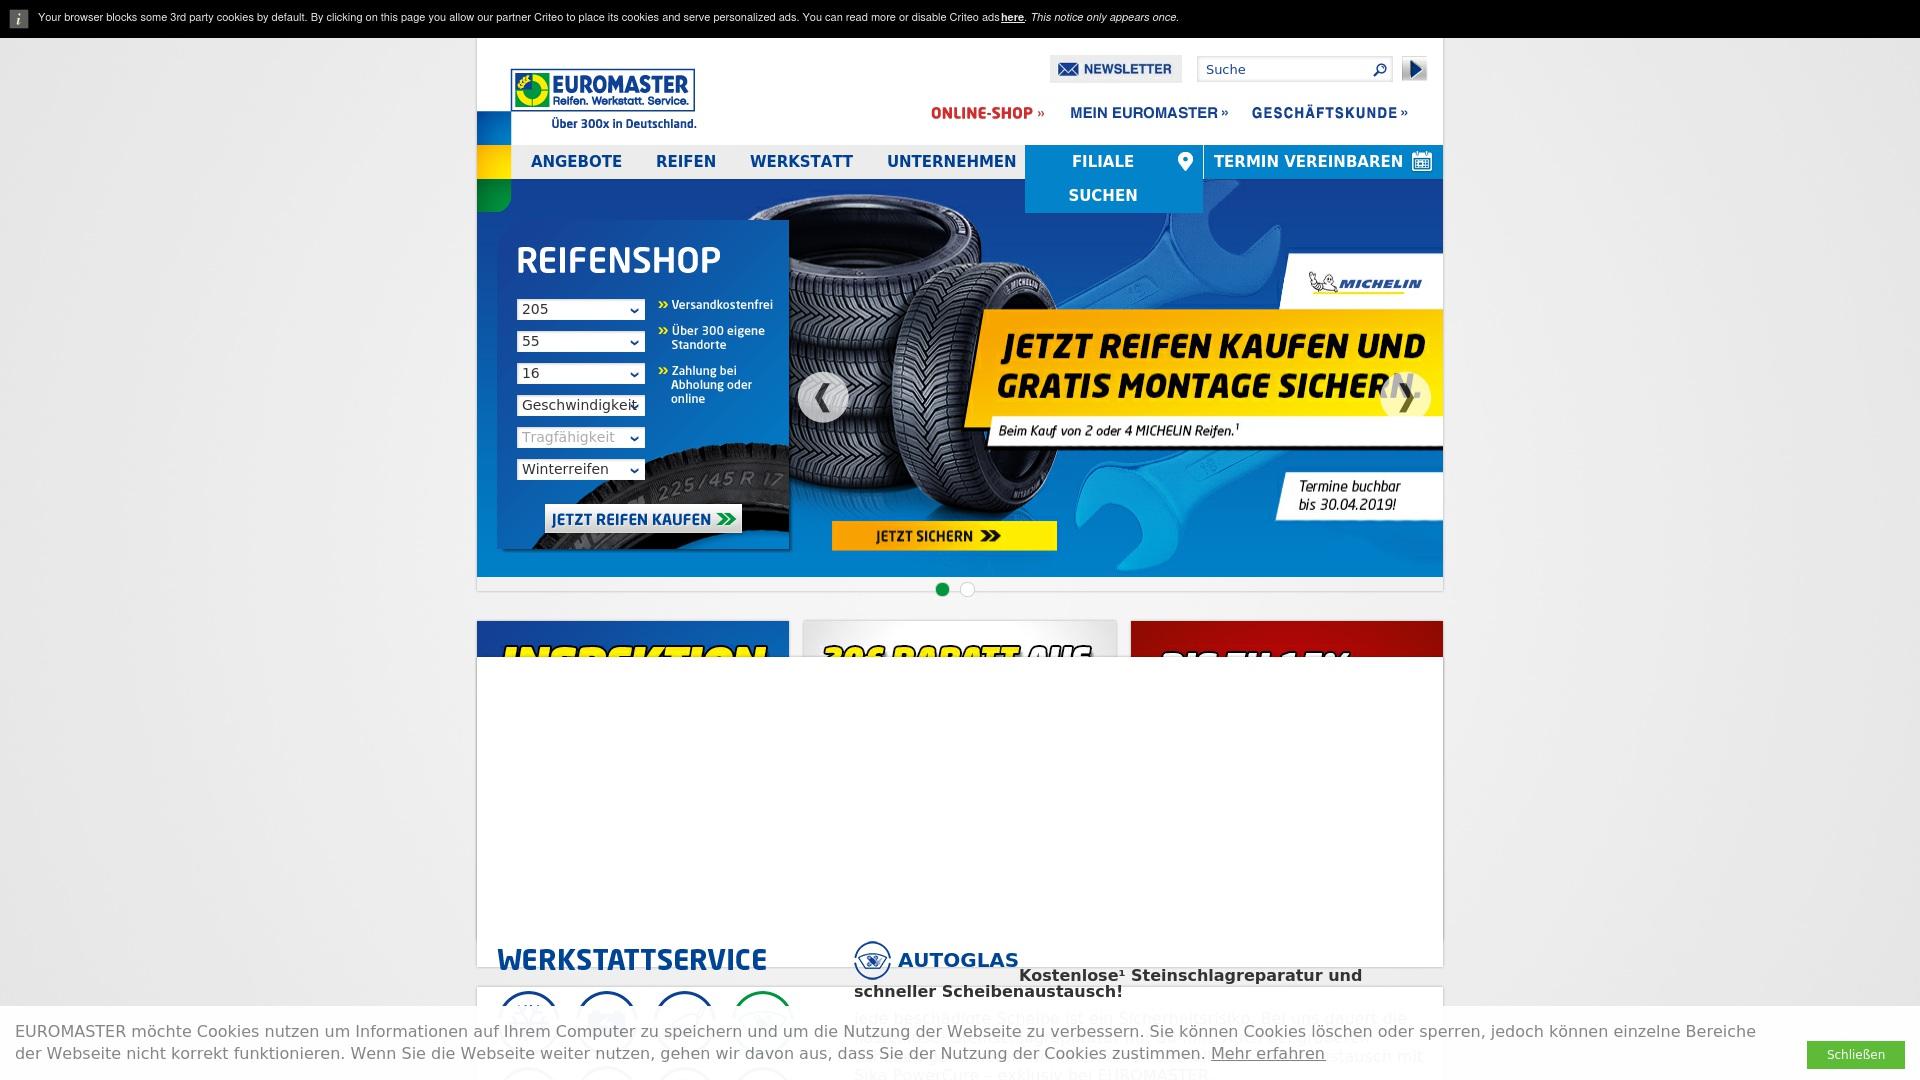 Gutschein für Euromaster: Rabatte für  Euromaster sichern